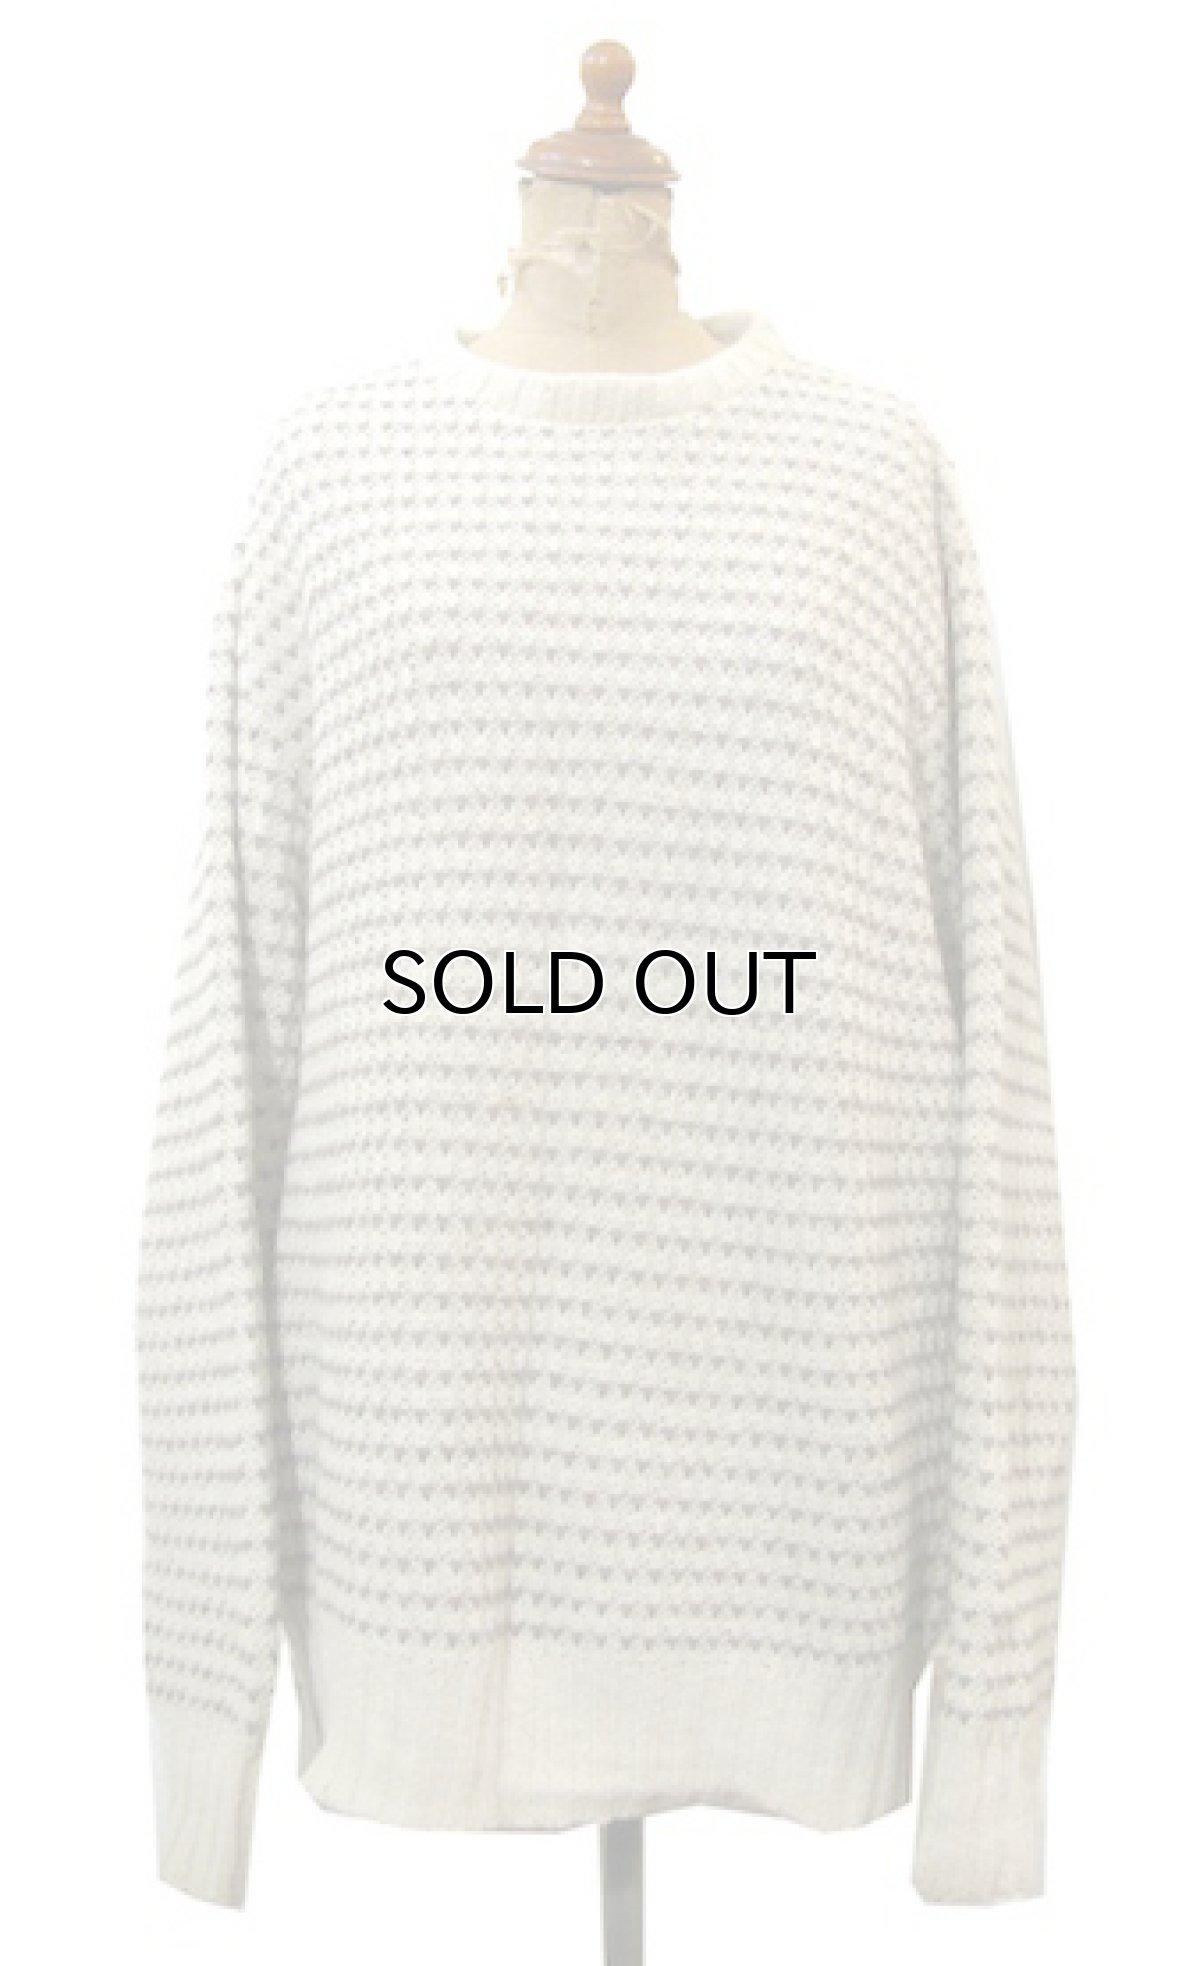 """画像1: """"LAKE HARMONY ROWING CLUB"""" Wool Sweater -made in USA- Off White / Beige size L (表記 XL) (1)"""